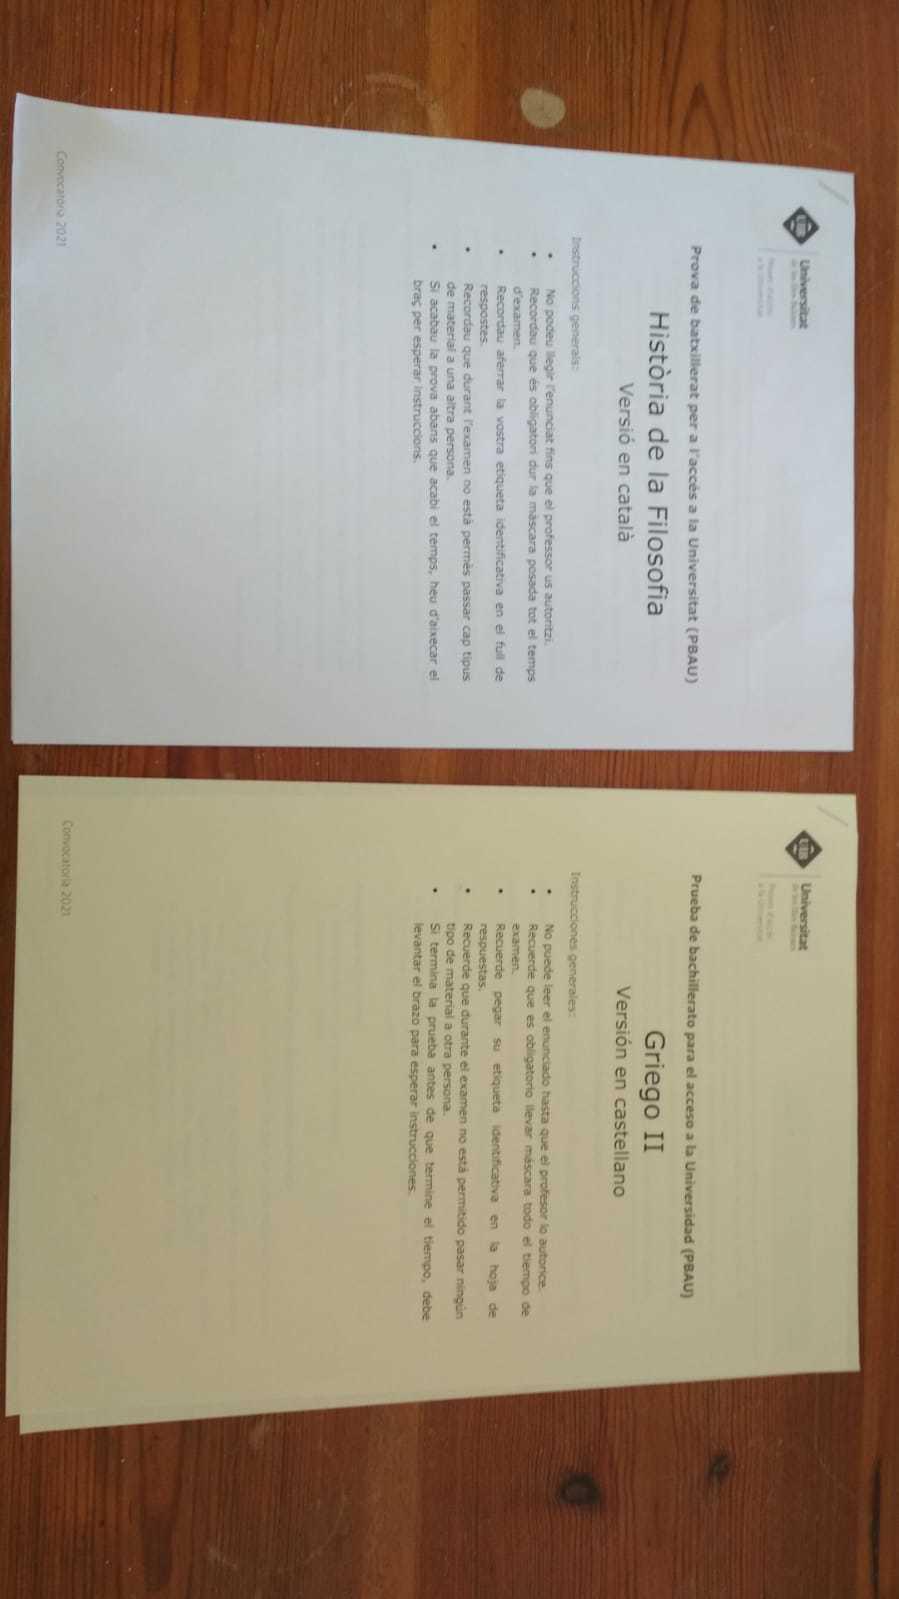 Examen en catalán en Baleares (izqda.) y en castellano (dcha., en amarillo).